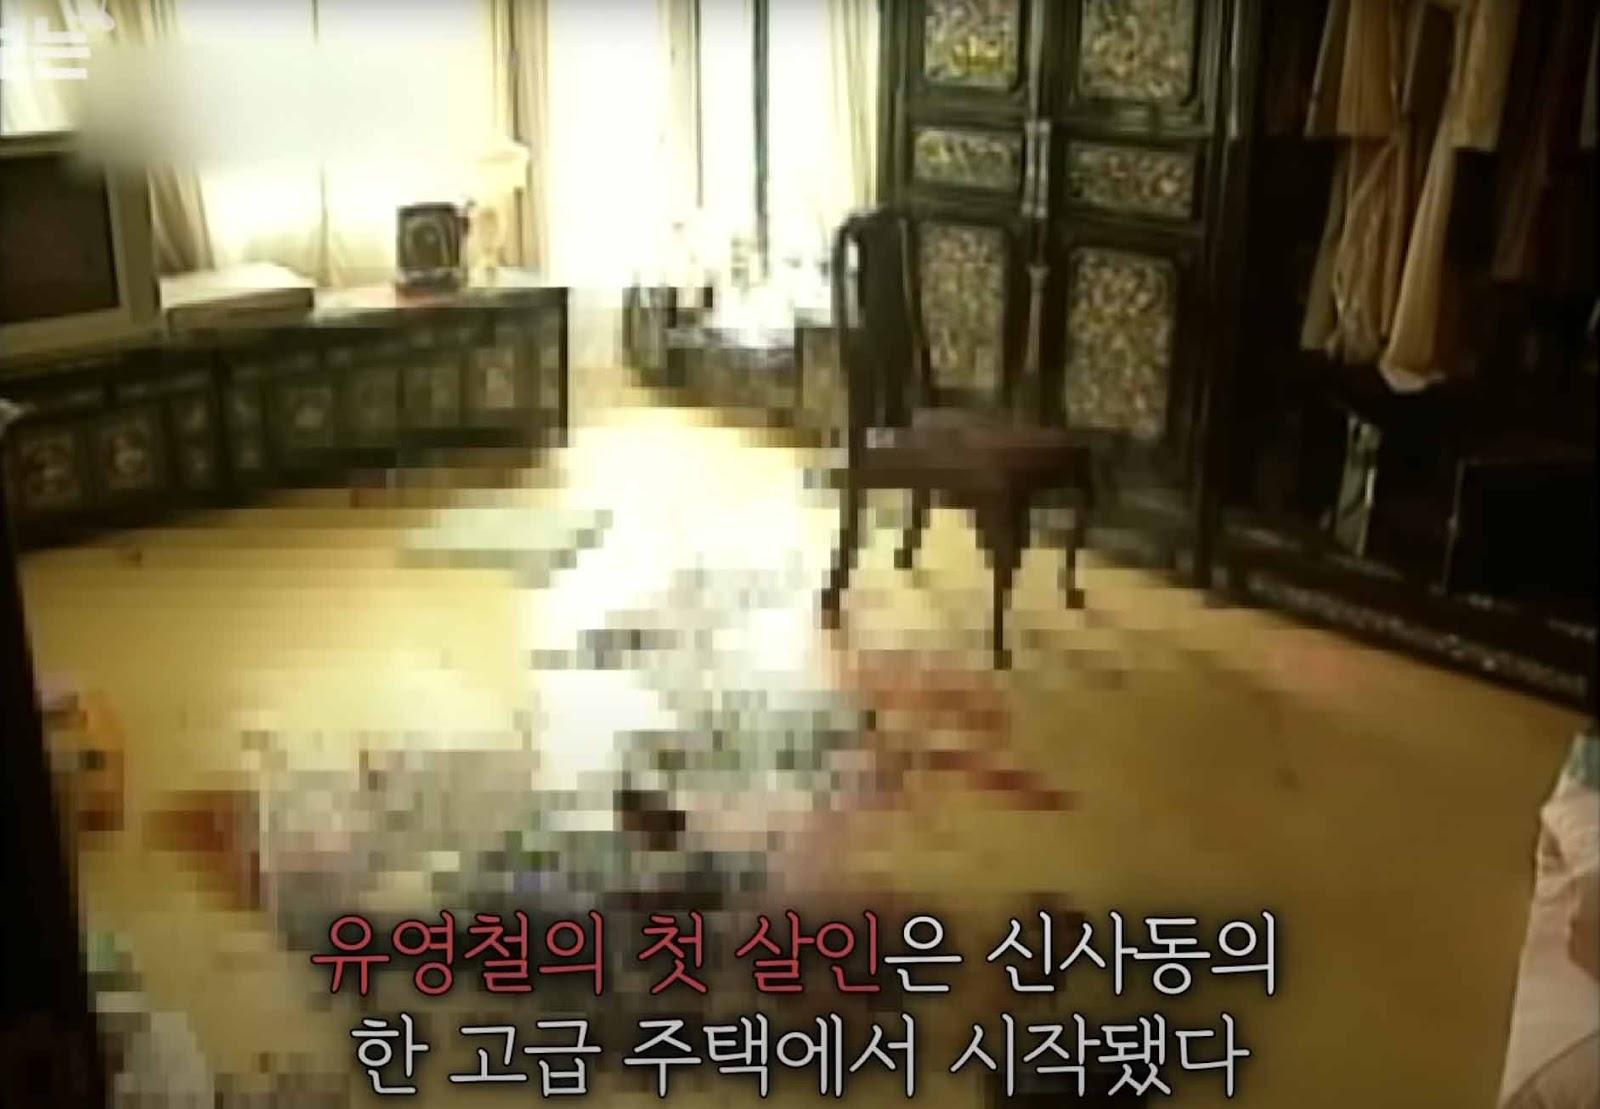 Sinsa-dong crime scene